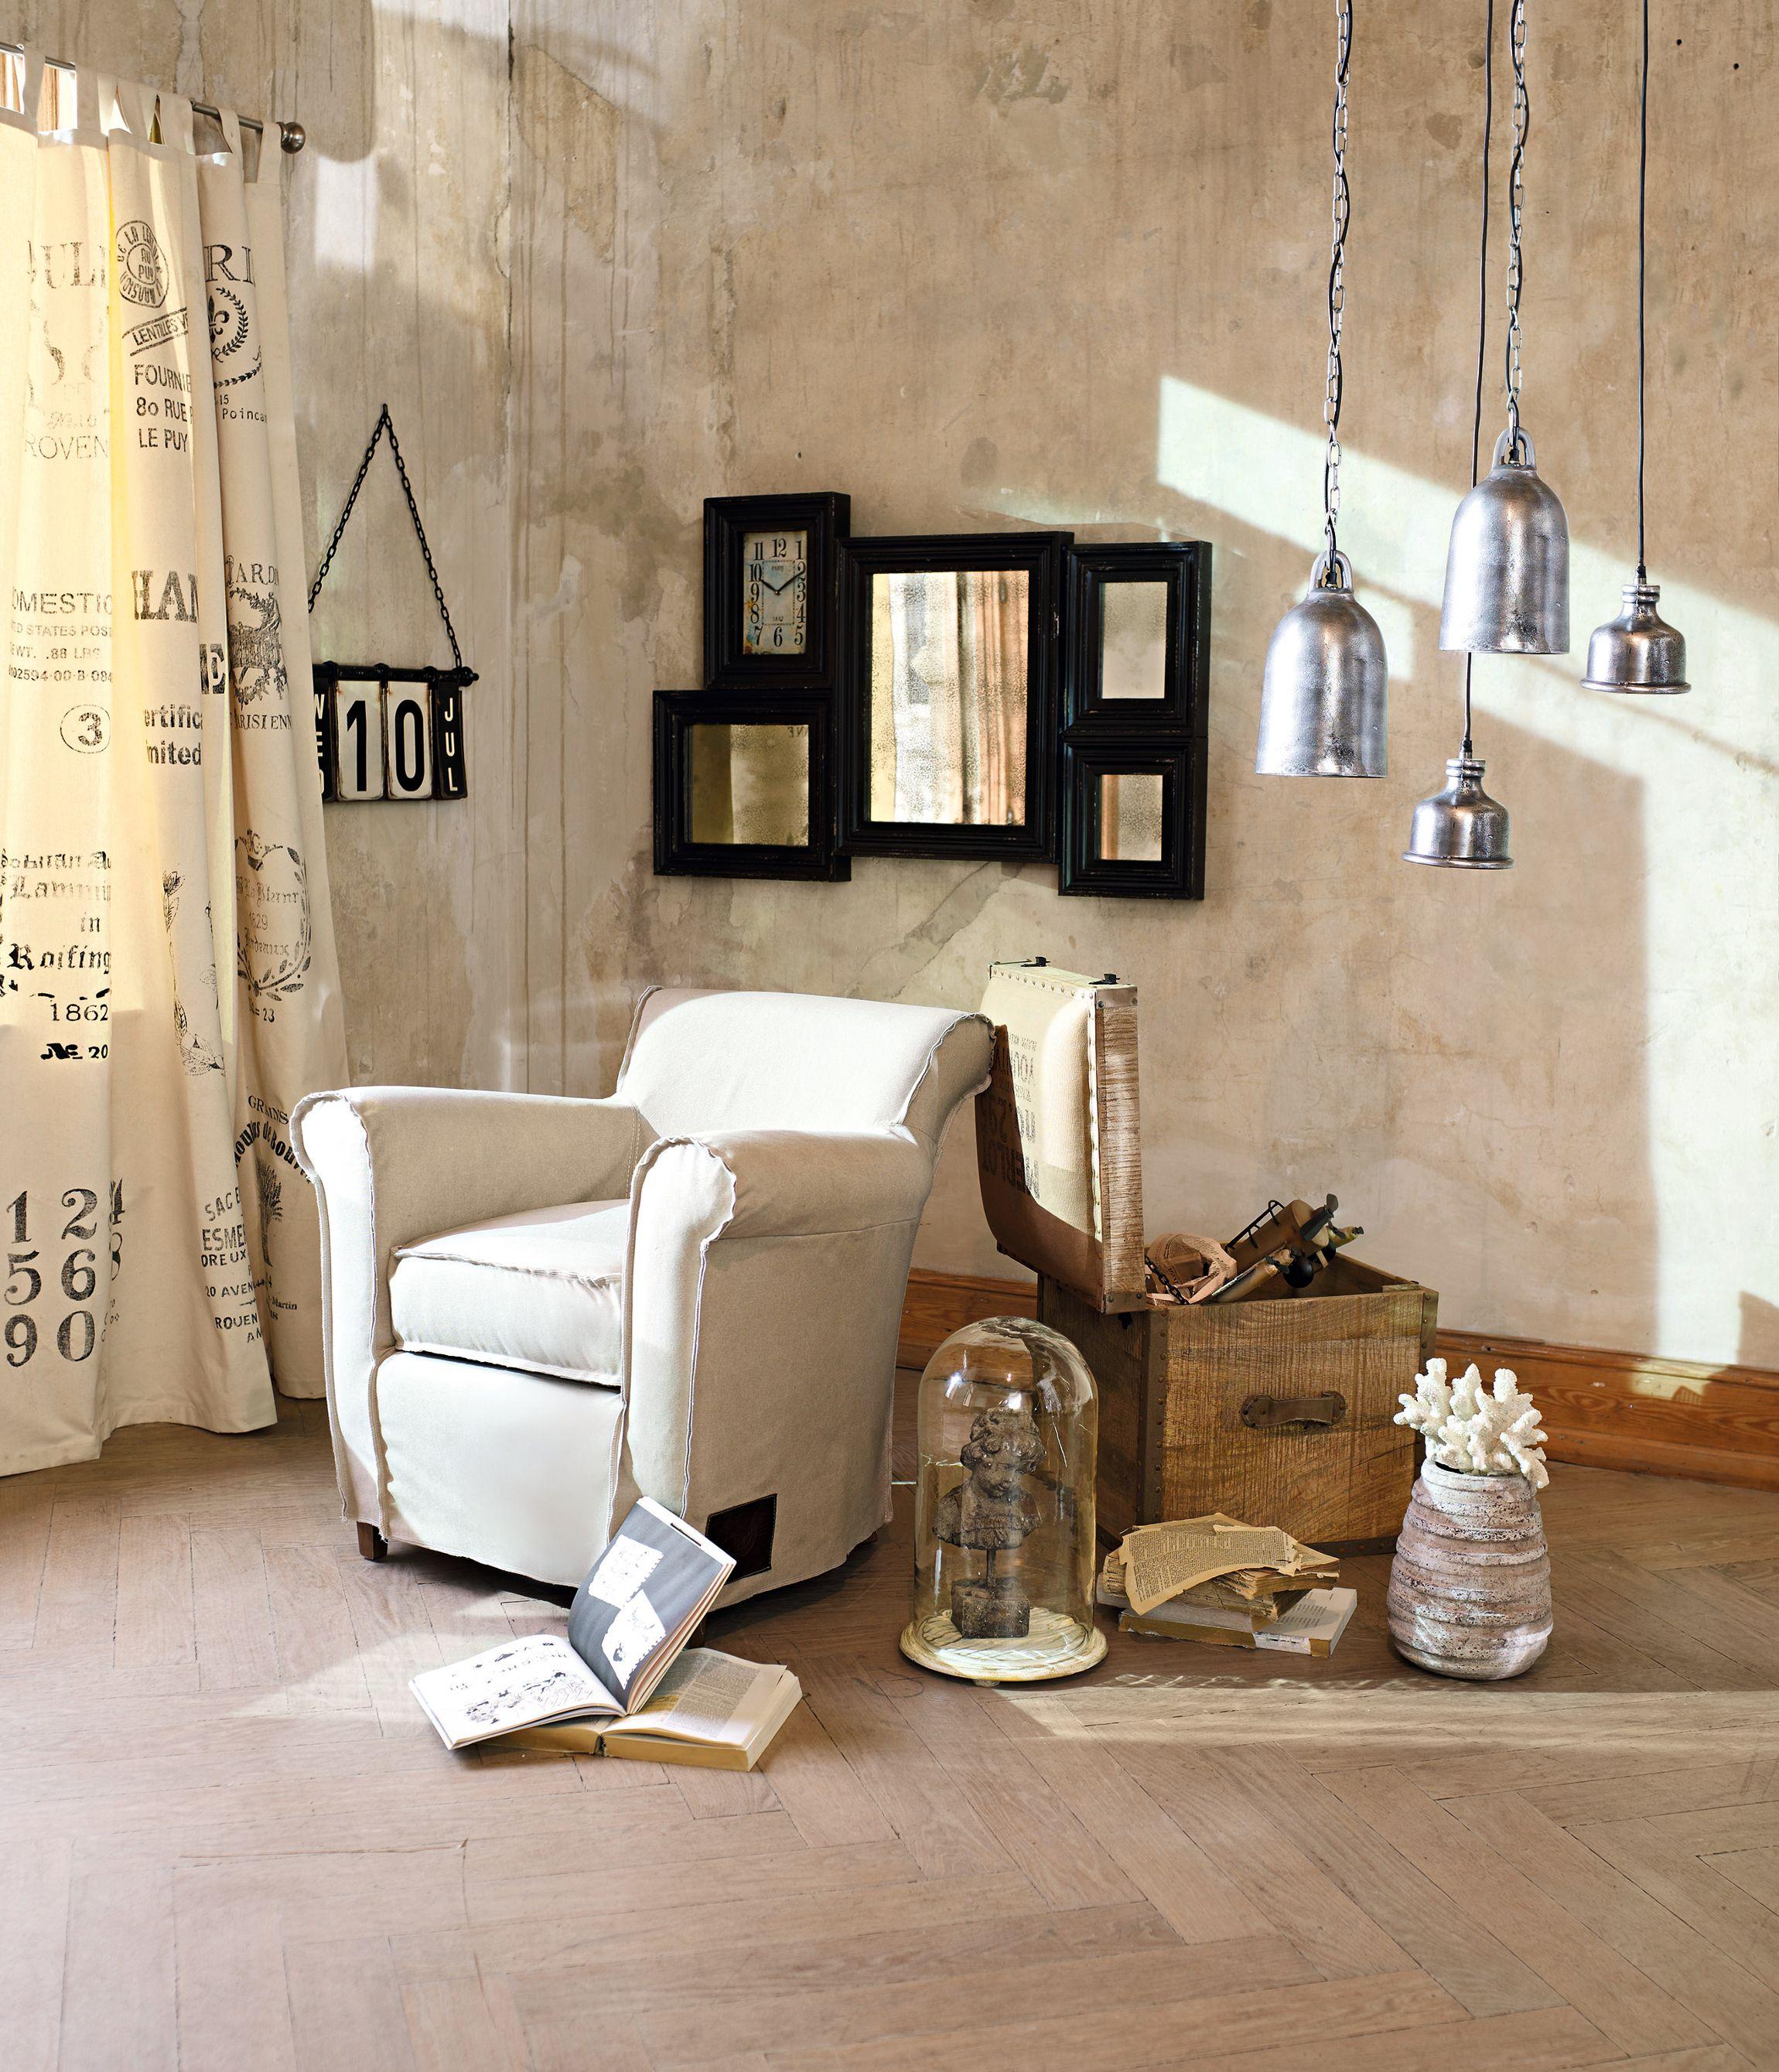 Truhe durango lampe montreal und gardine salina wohnzimmer loberon wohnen im industrial - Truhe wohnzimmer ...